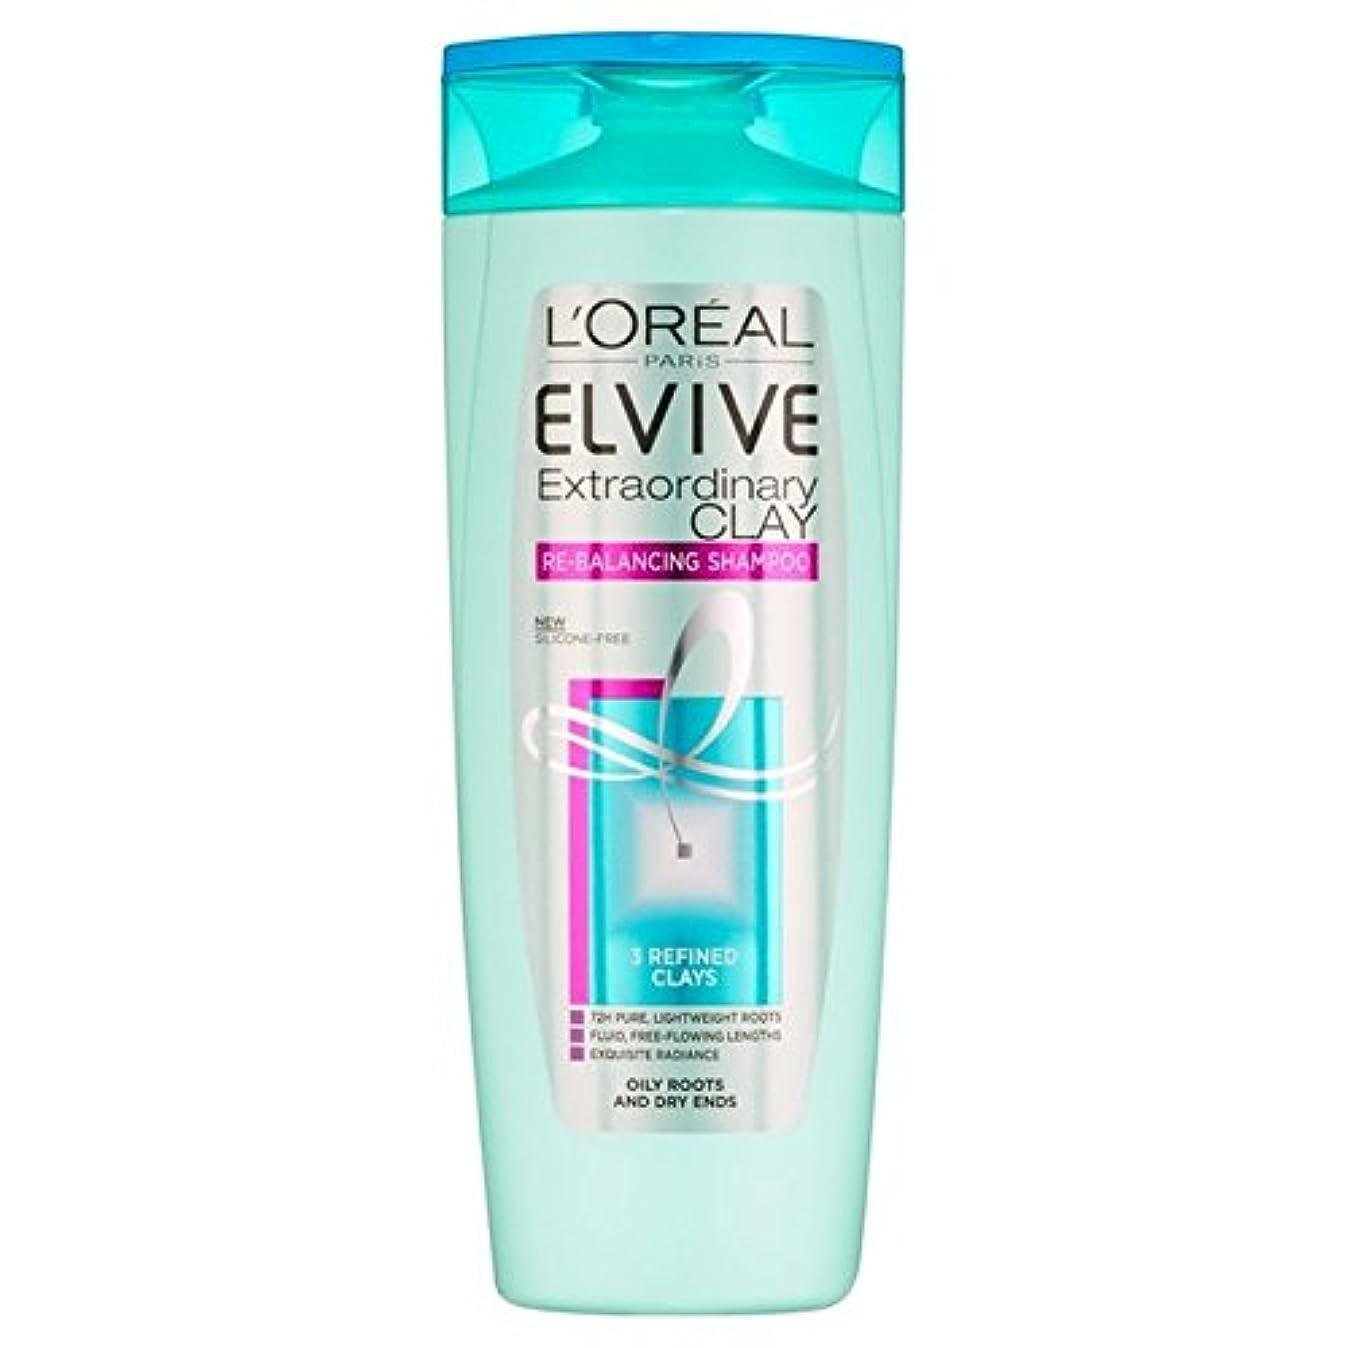 むき出しケーブルピックロレアルパリ臨時粘土再バランシングシャンプー400ミリリットル x4 - L'Oreal Paris Elvive Extraordinary Clay Re-Balancing Shampoo 400ml (Pack of 4) [並行輸入品]